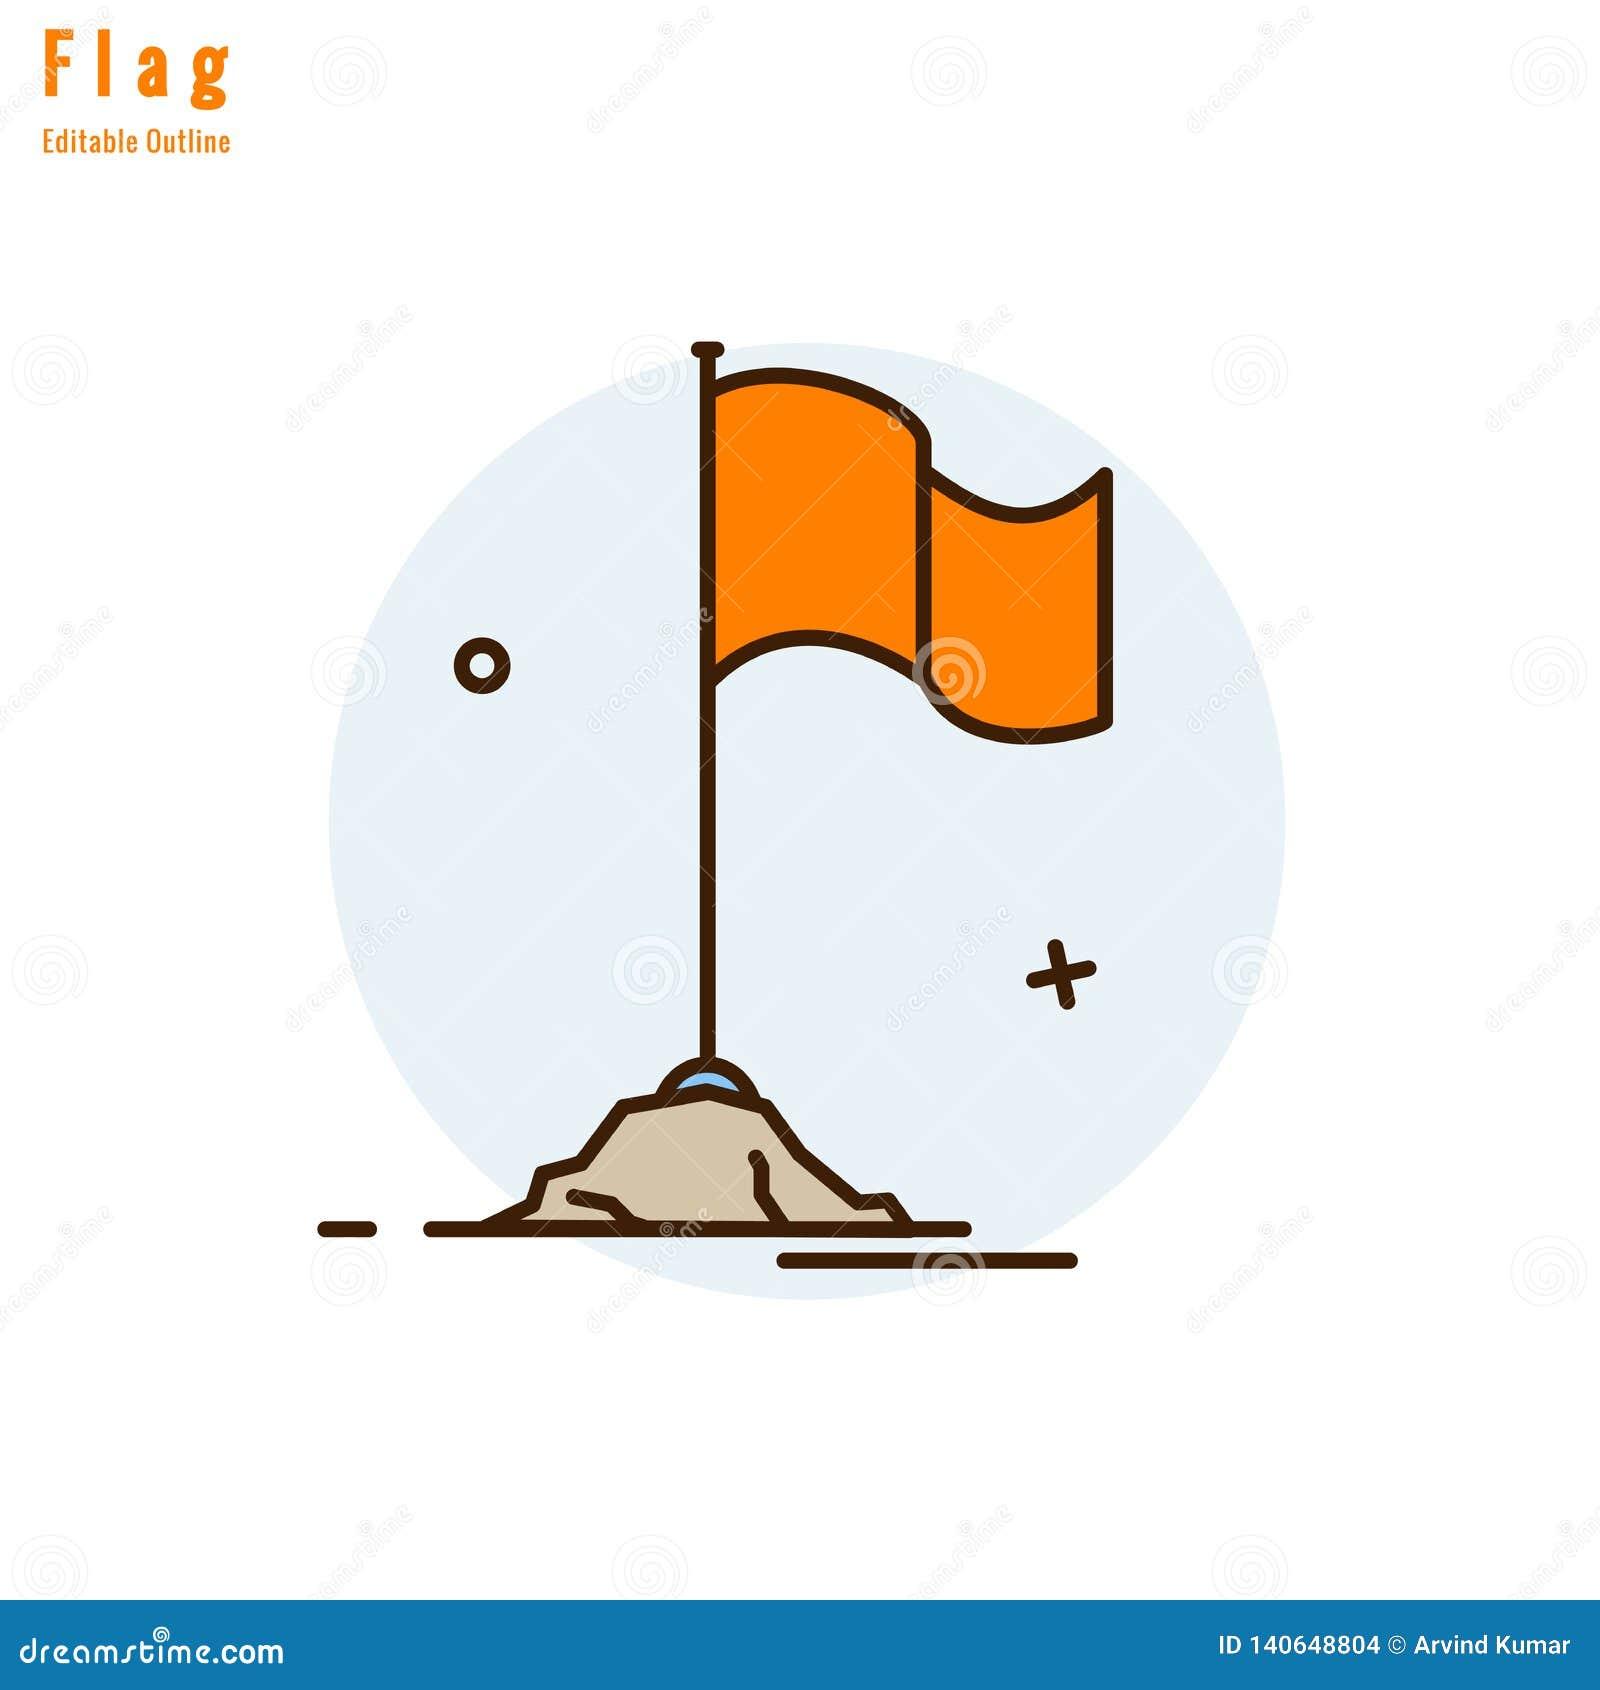 Flaggasymbol, konkurrensflagga, affärsmilstolpe, framgång, flagga för tempelapelsin, tunn linje redigerbar slaglängd